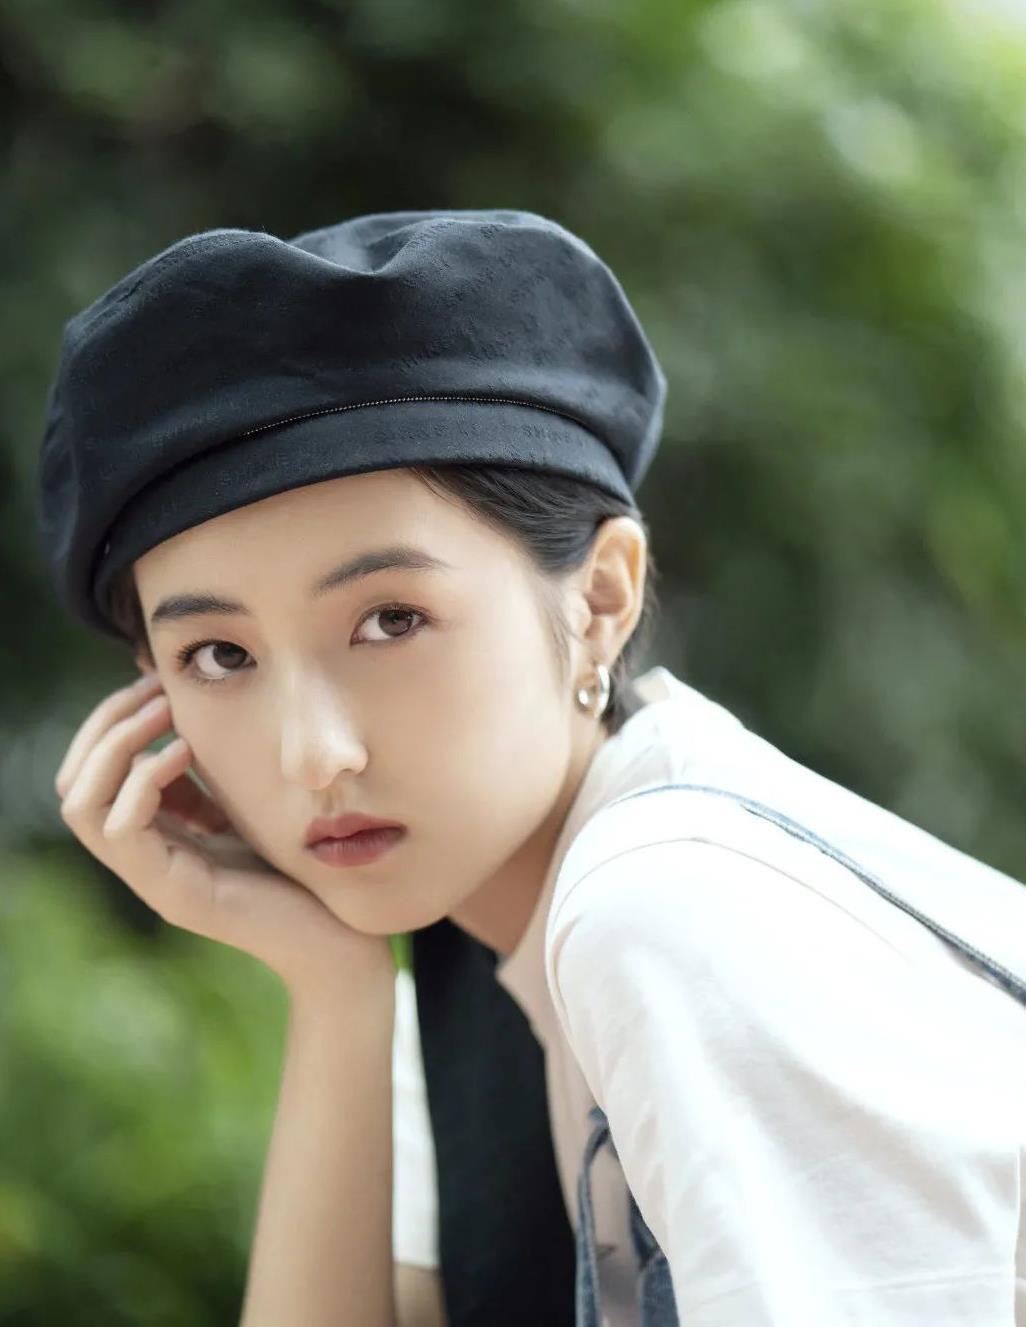 张子枫如今都成大美人了!戴上飘带贝雷帽,美成动漫里的女主角了